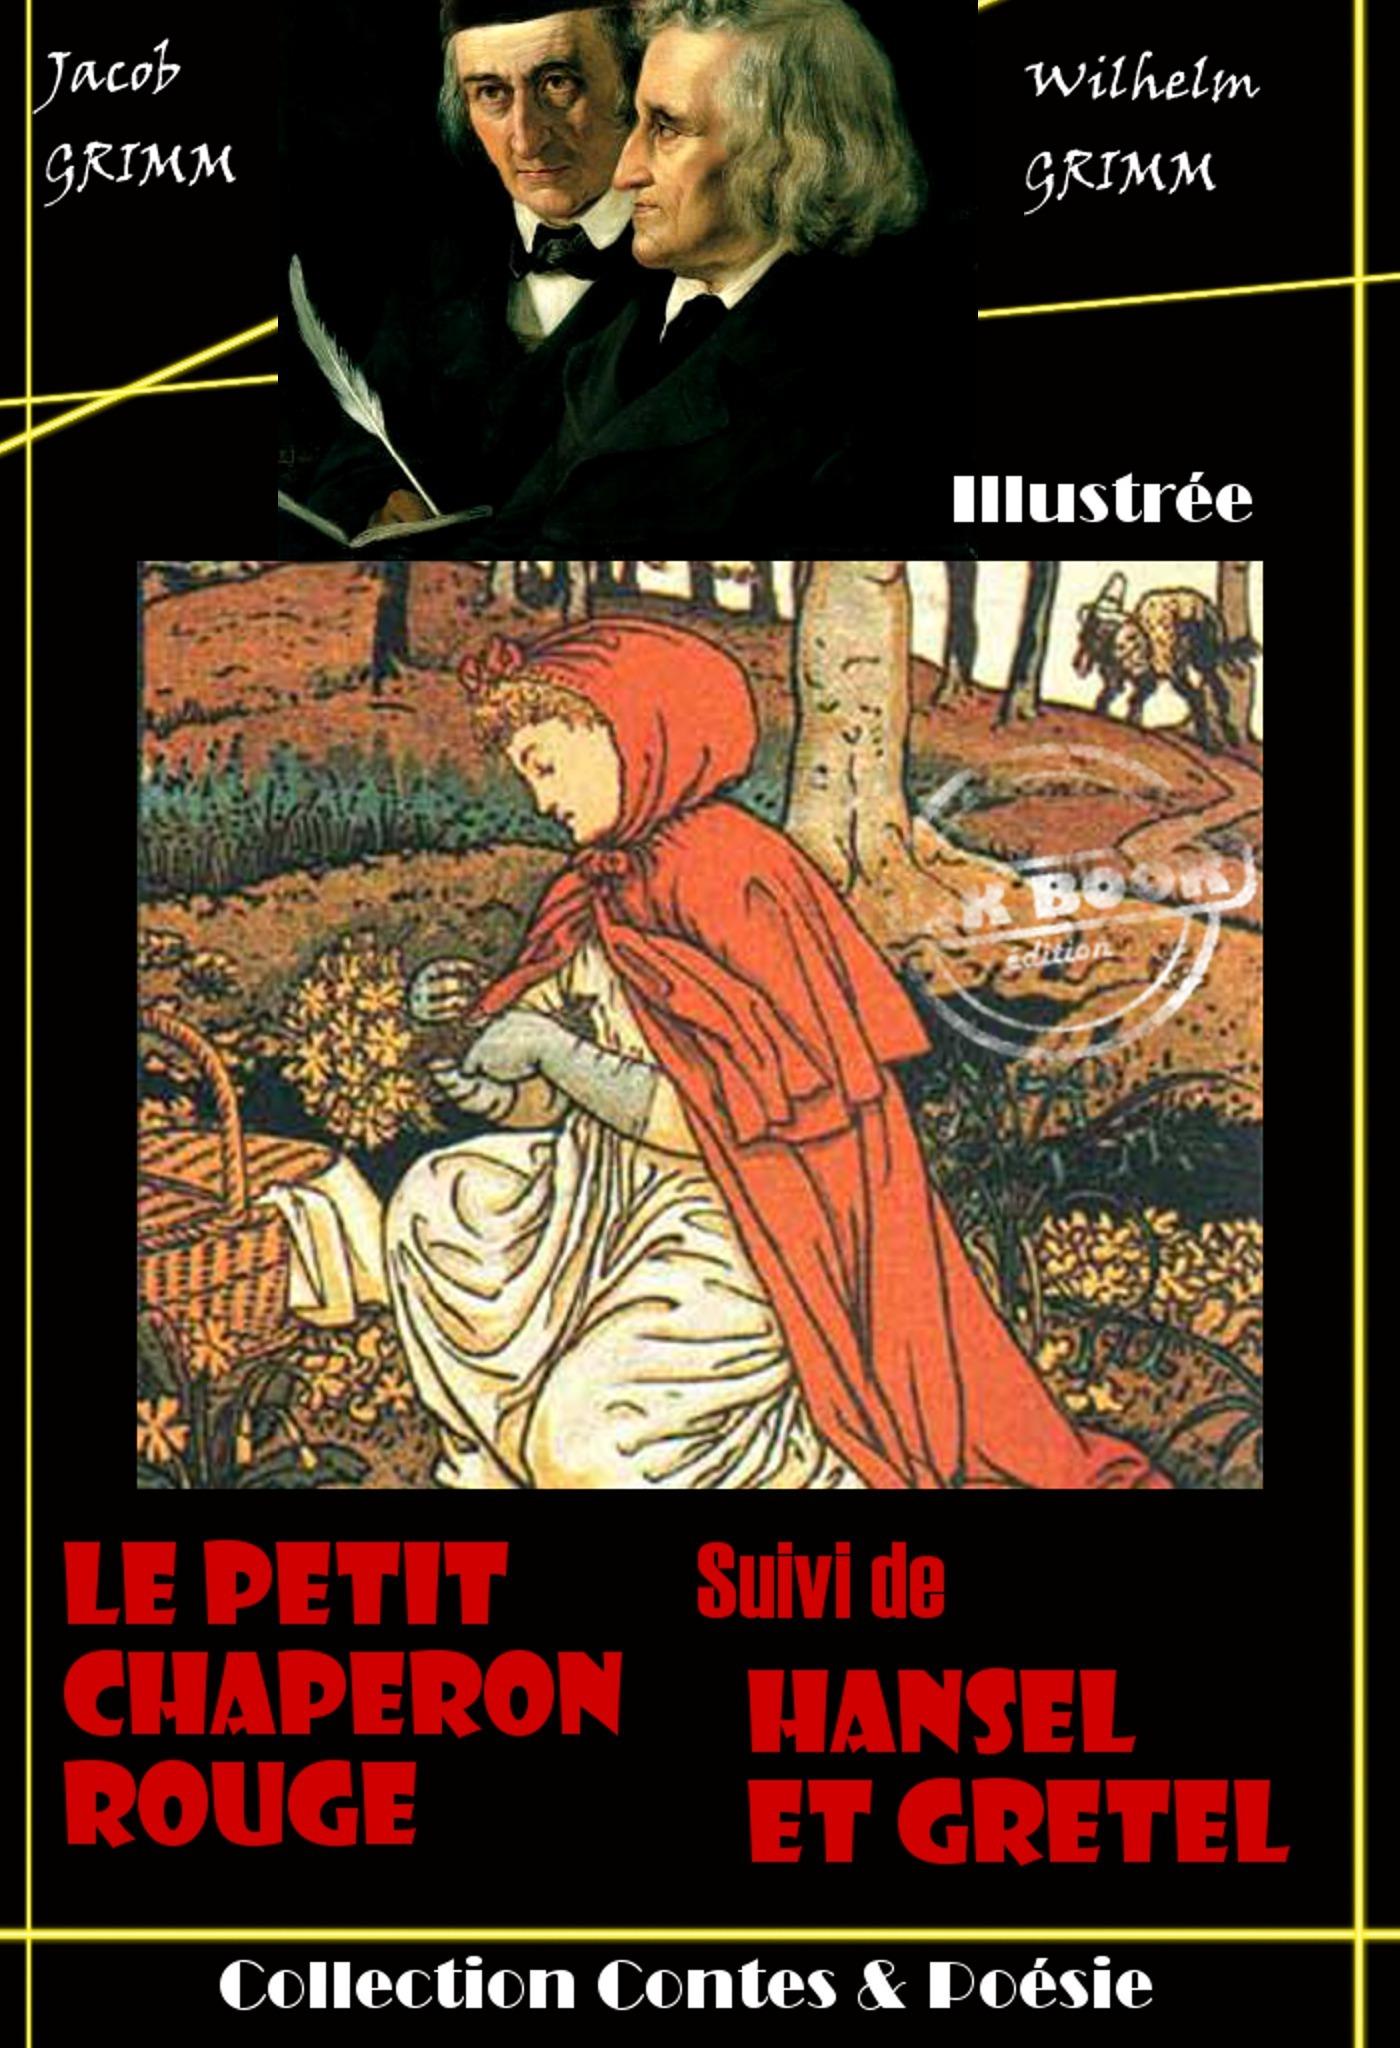 Le petit chaperon rouge ; Hansel et Gretel